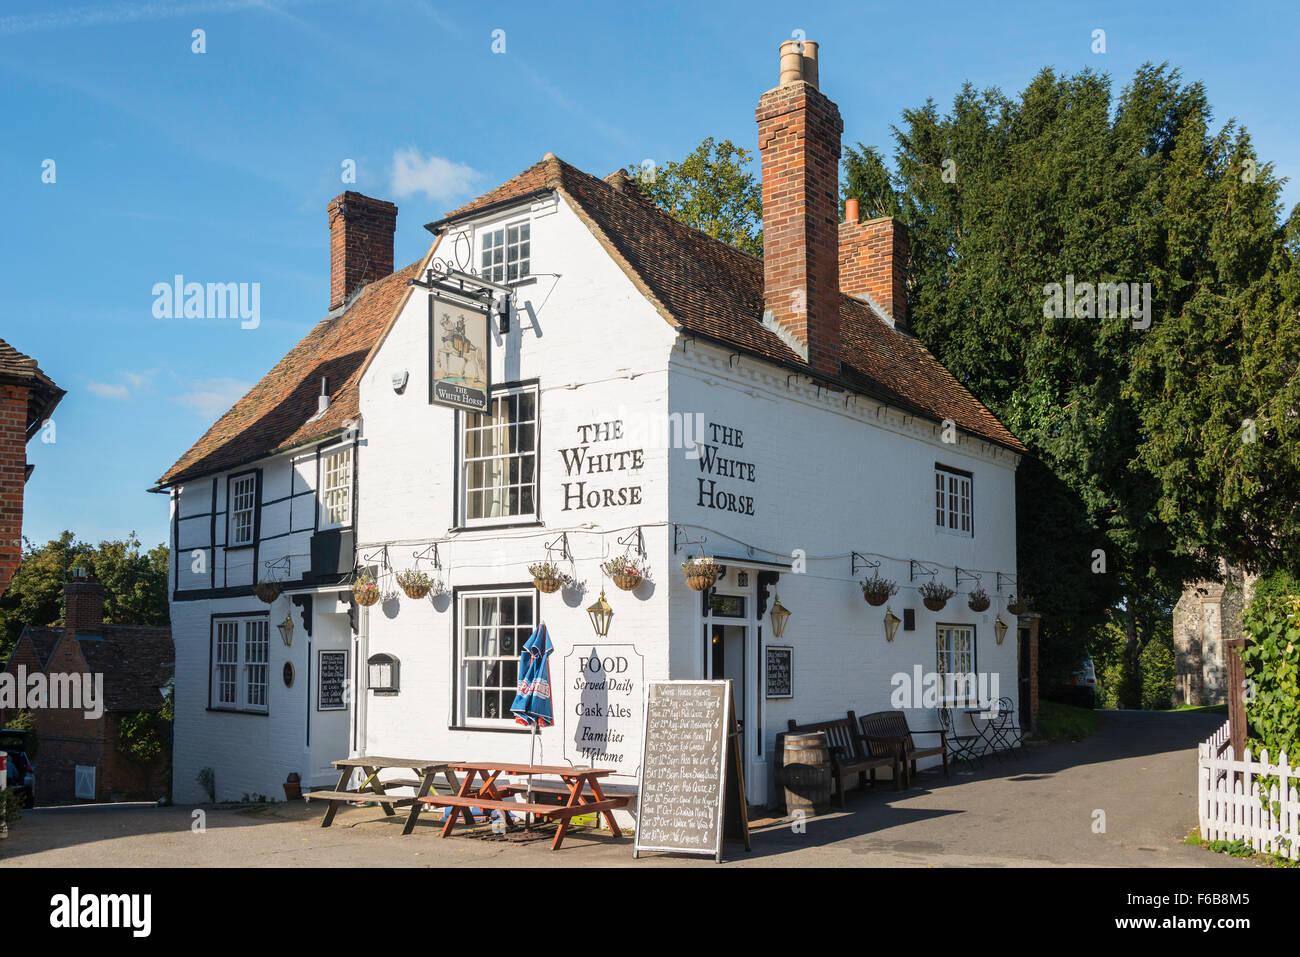 L'Auberge du Cheval Blanc, Chilham Square, Chilham, Kent, Angleterre, Royaume-Uni Banque D'Images